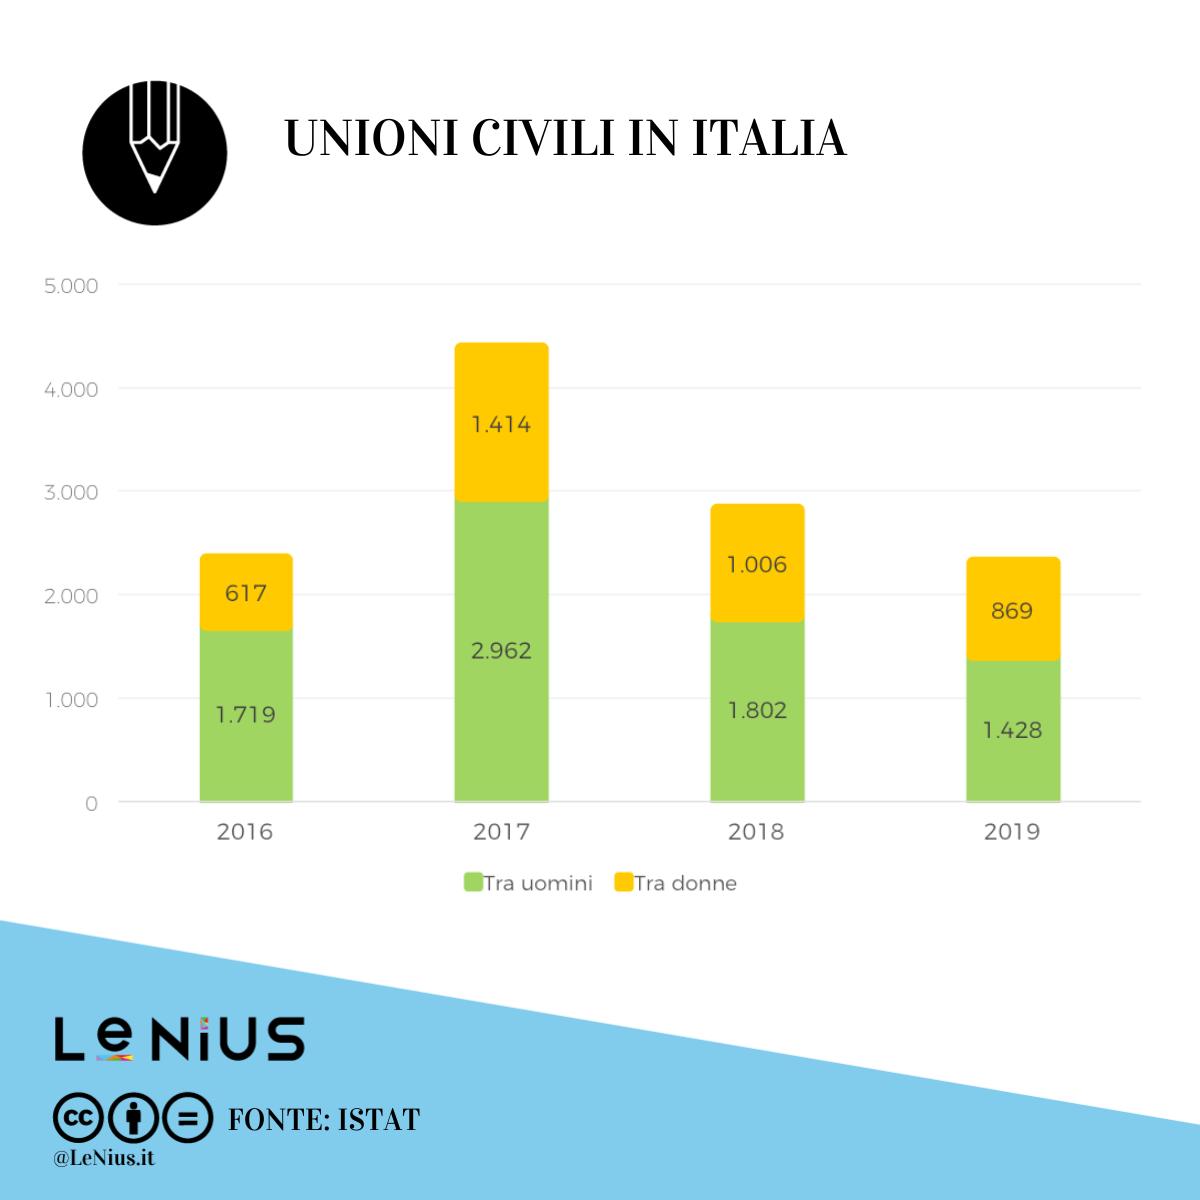 unioni civili italia